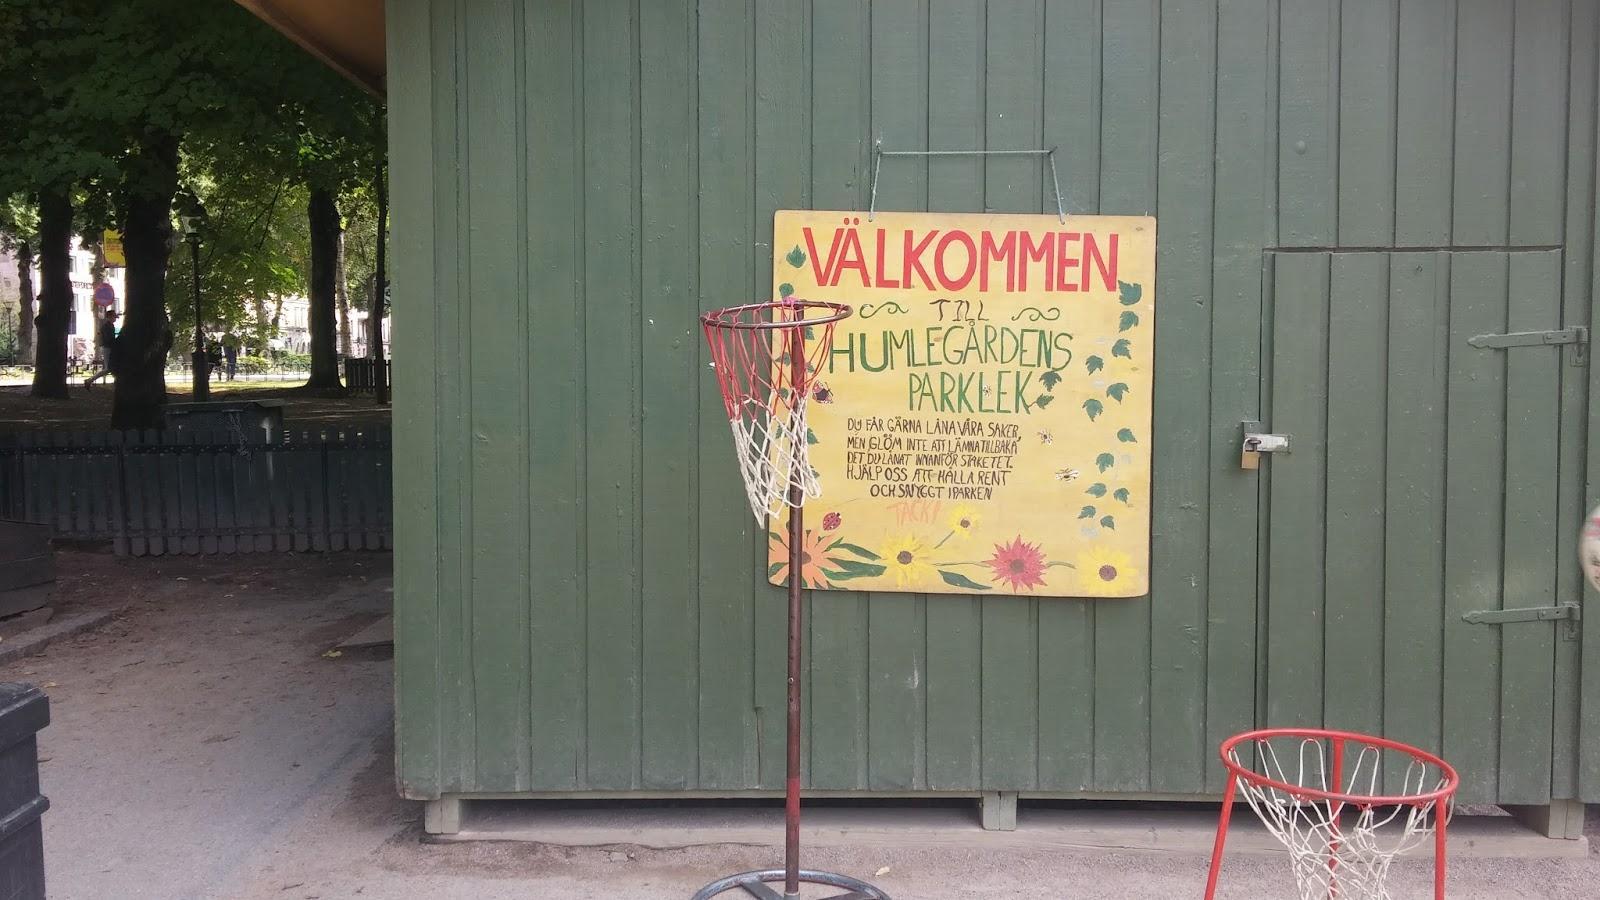 Humlegården, mahtava leikkipuisto Tukholmassa!